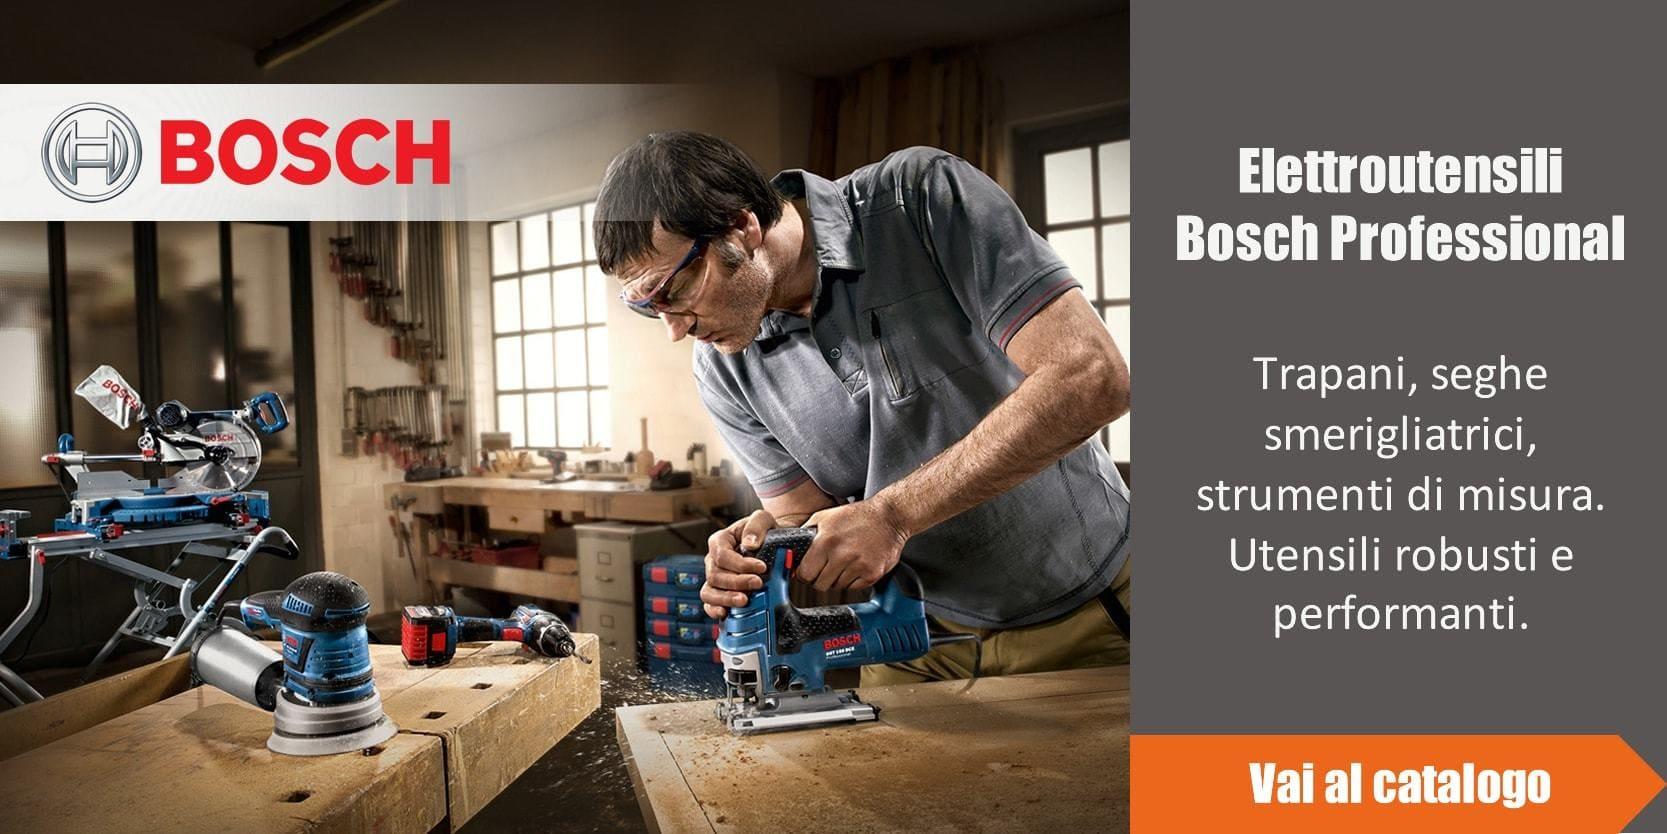 Elettroutensili Bosch Professional